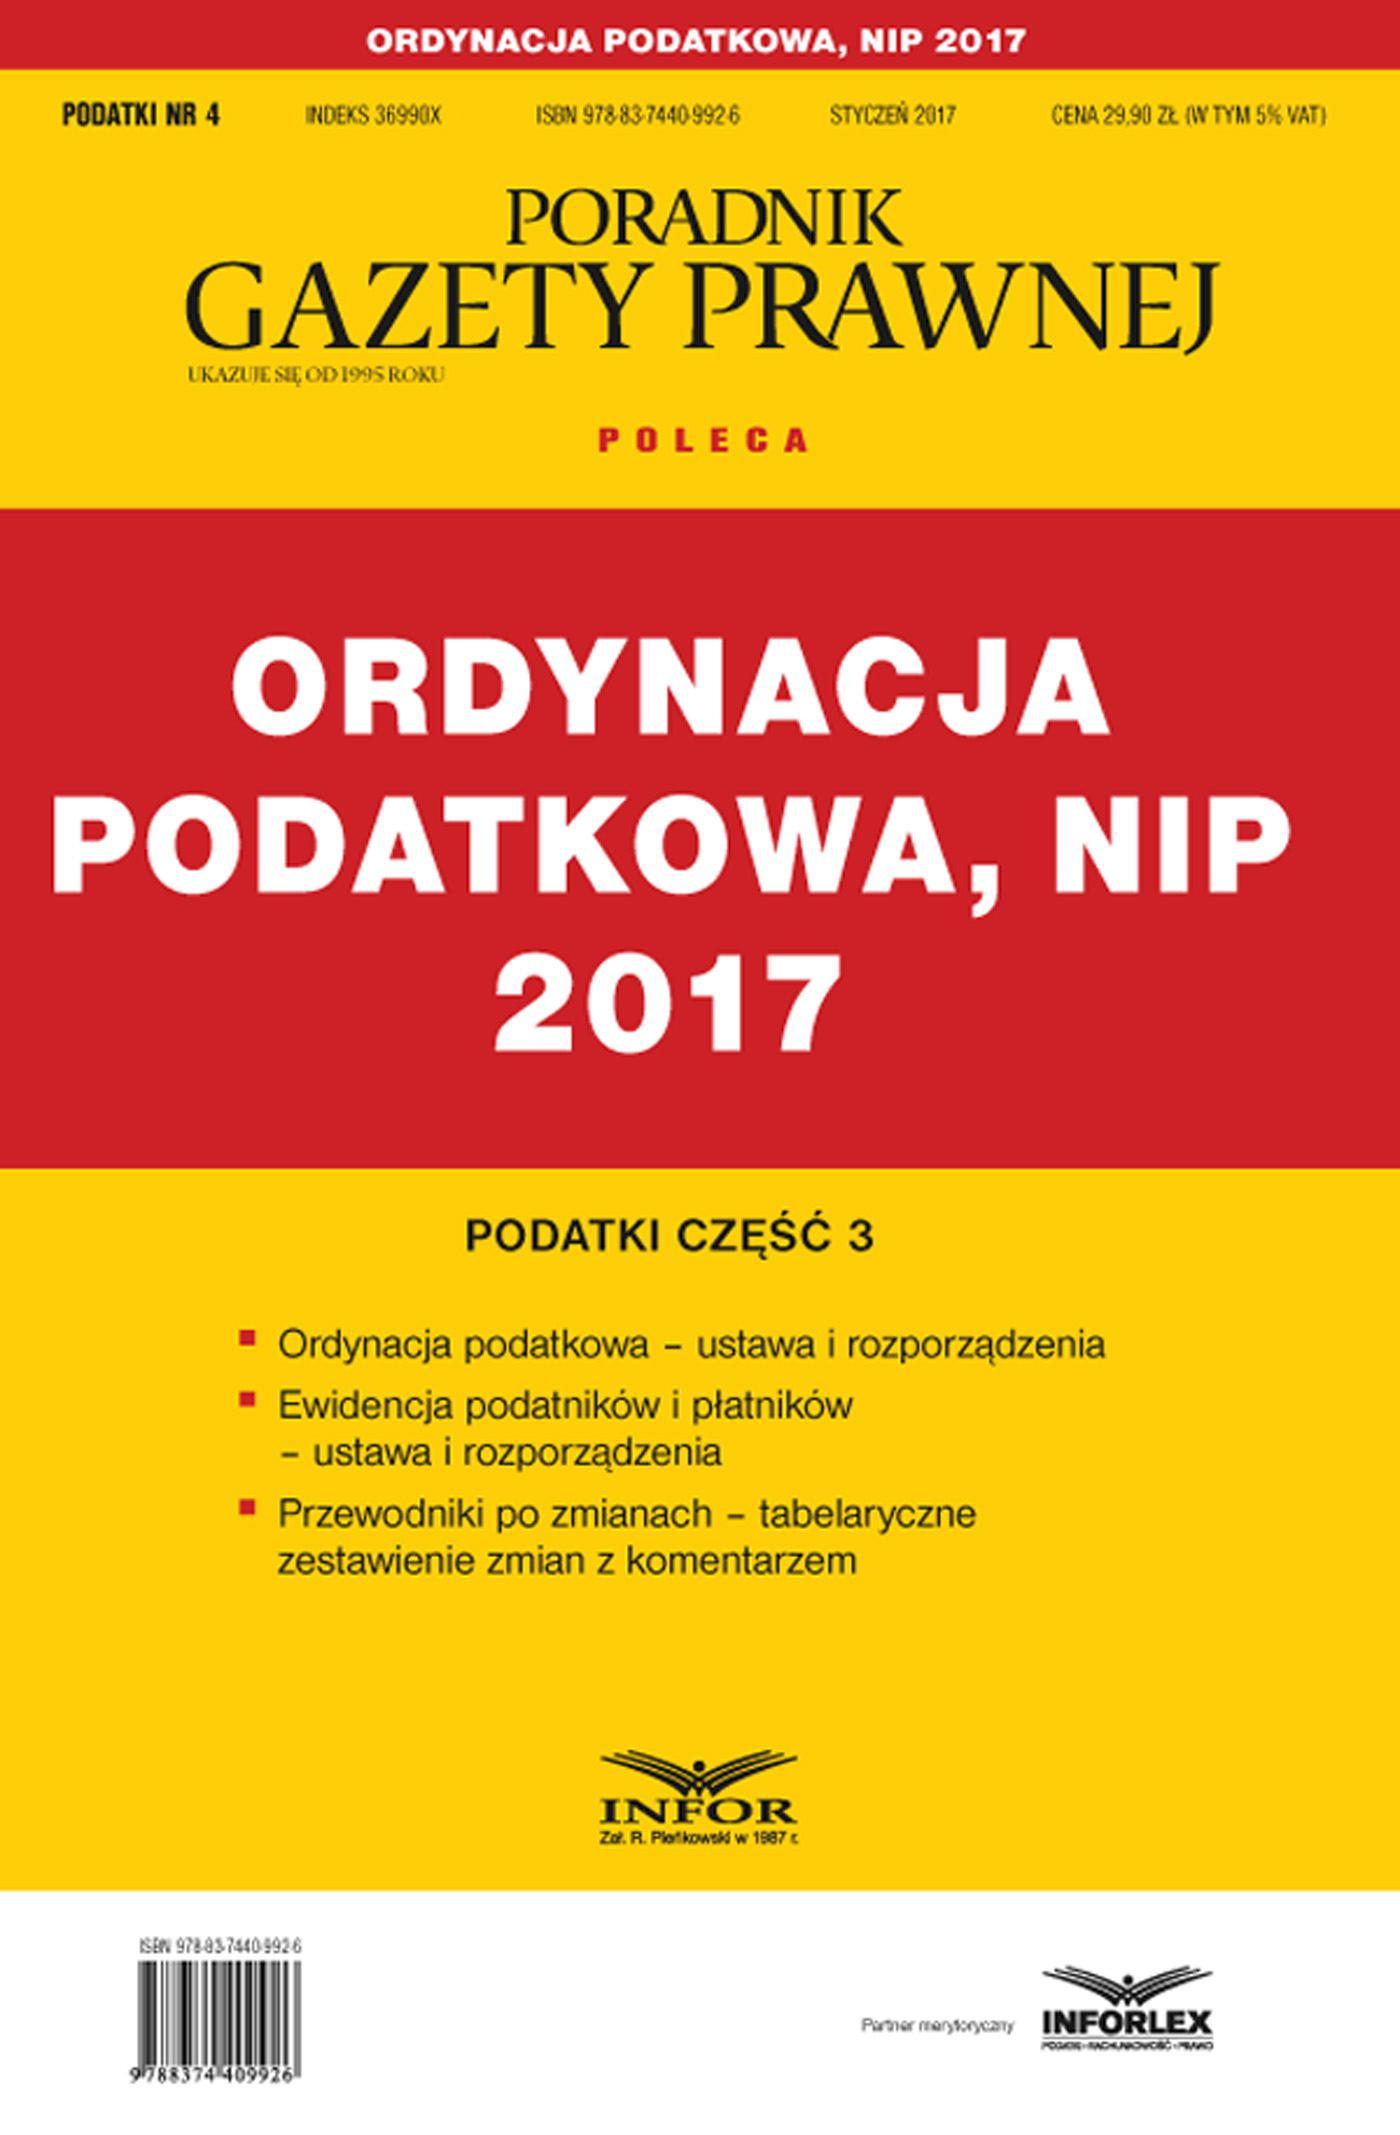 Podatki cz. 3 Ordynacja podatkowa, NIP 2017 - Ebook (Książka PDF) do pobrania w formacie PDF